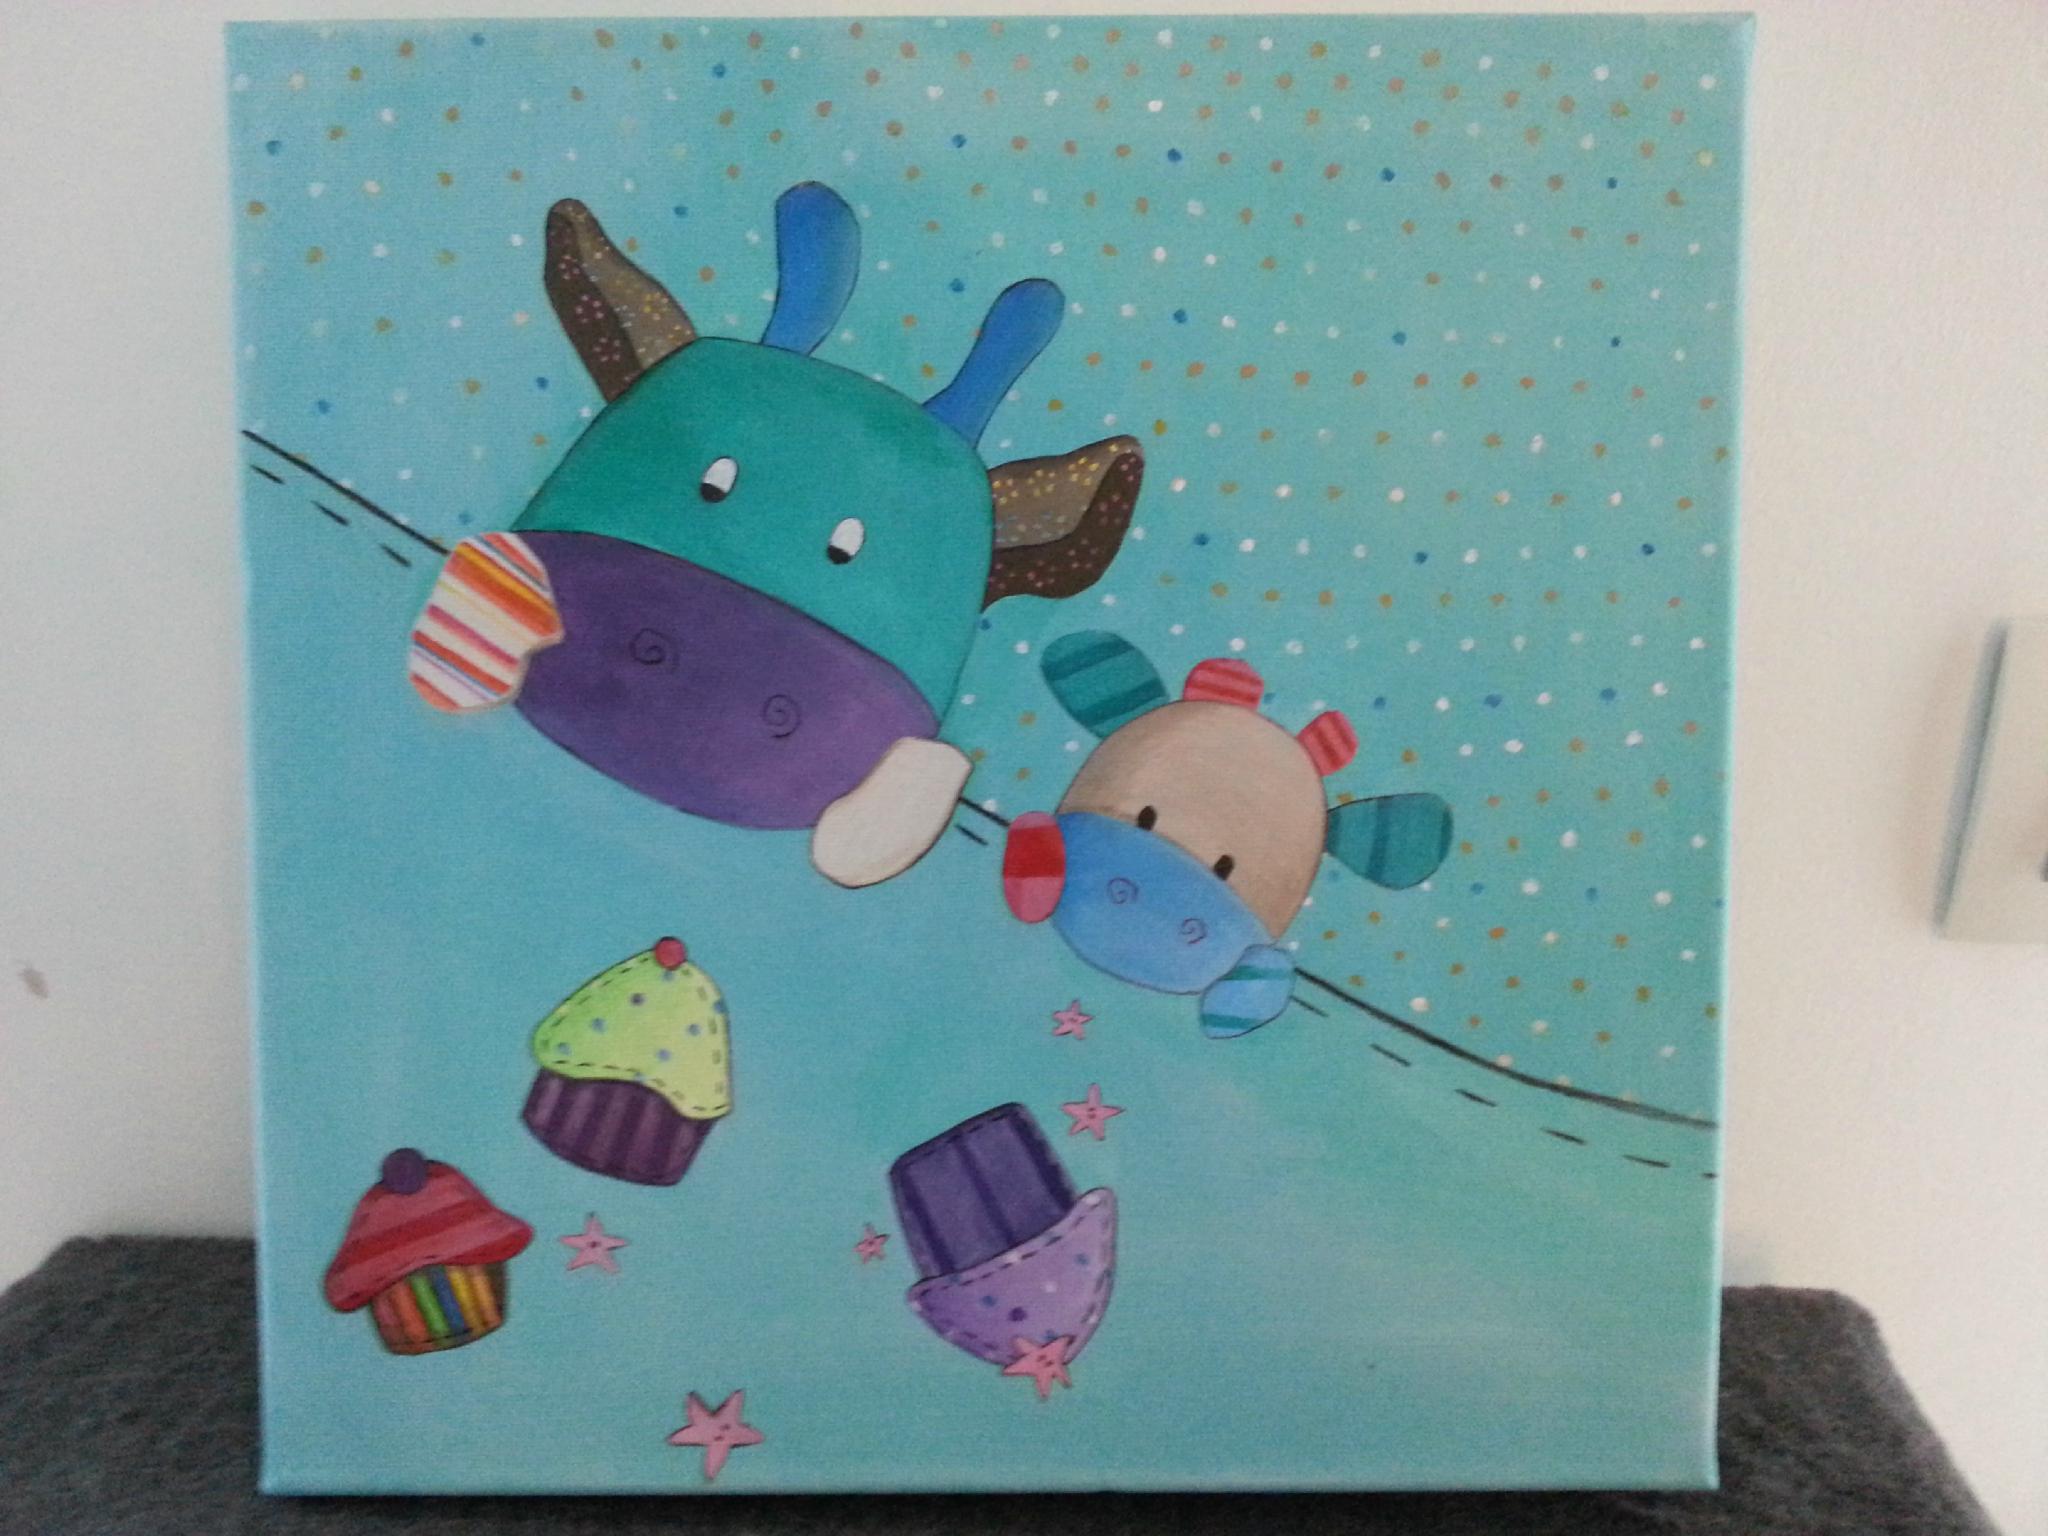 Tableau Chambre Enfant - Artmatt - Créations Pour Petits Et encequiconcerne Tableau De Peinture Pour Enfant